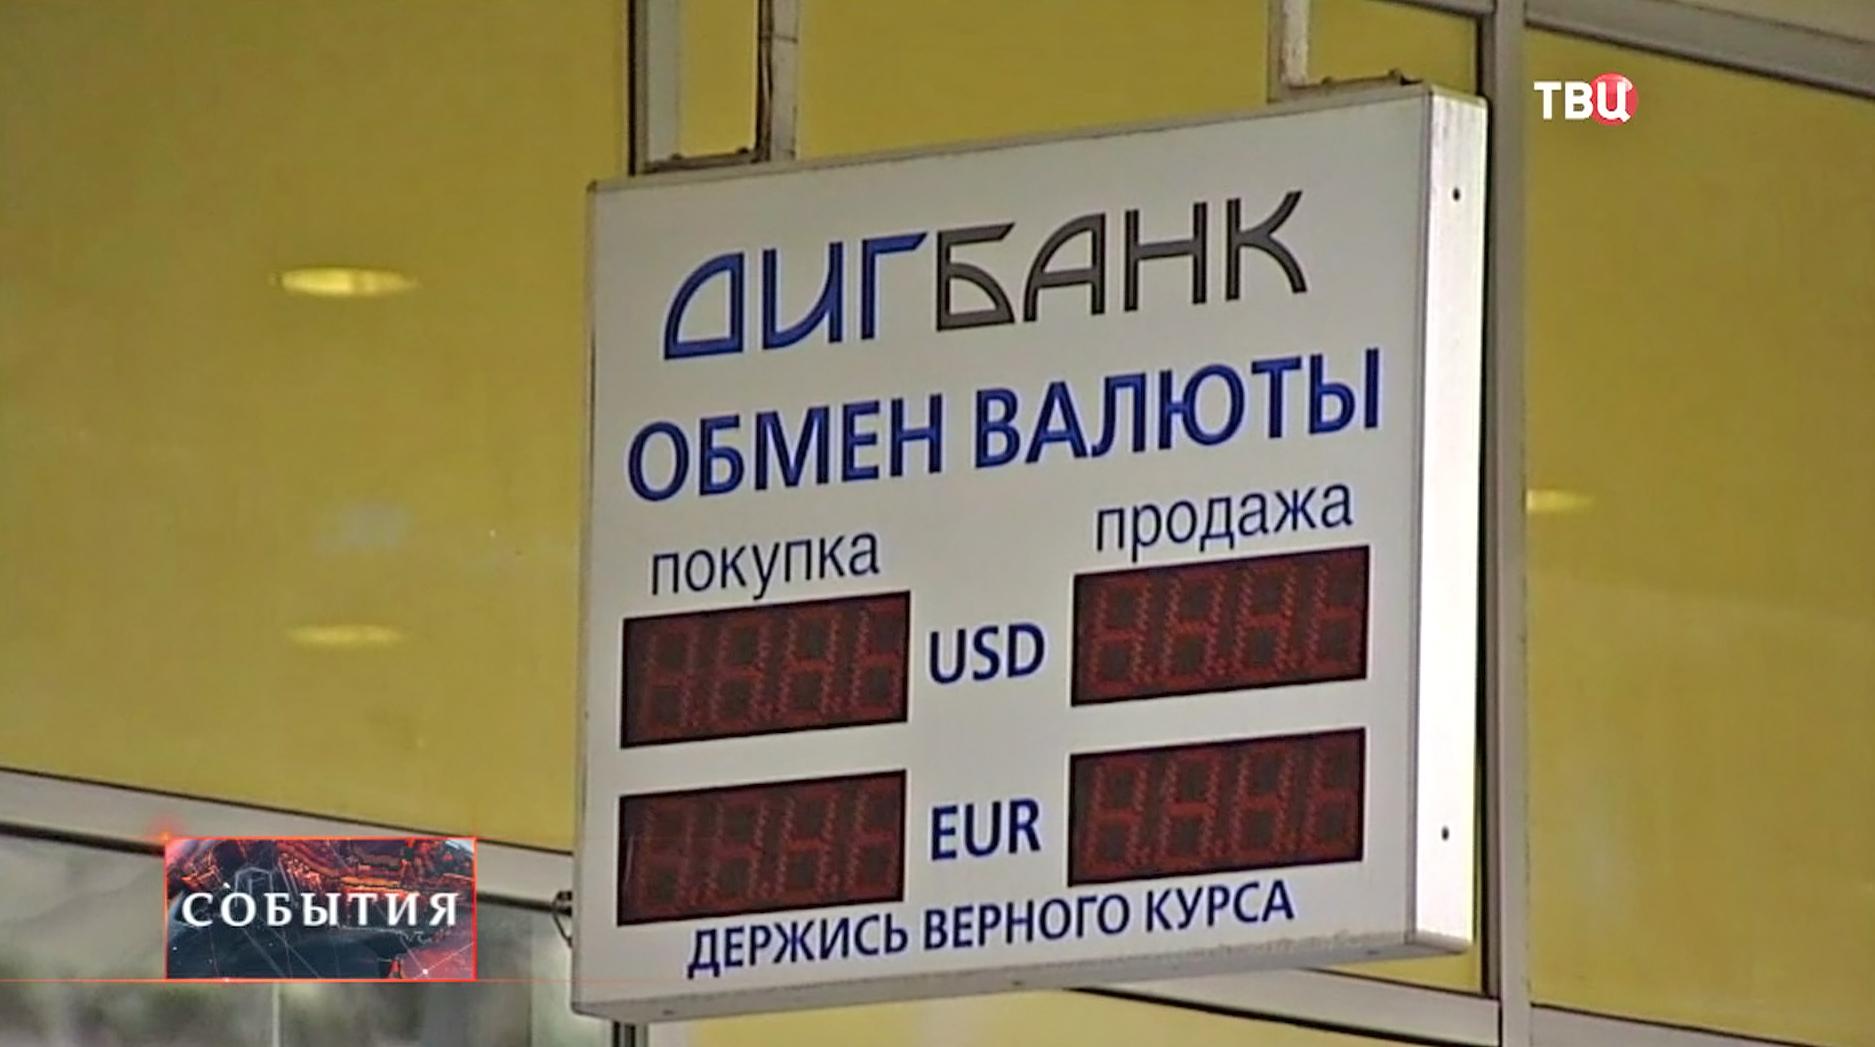 Обменный пункт Диг-Банка